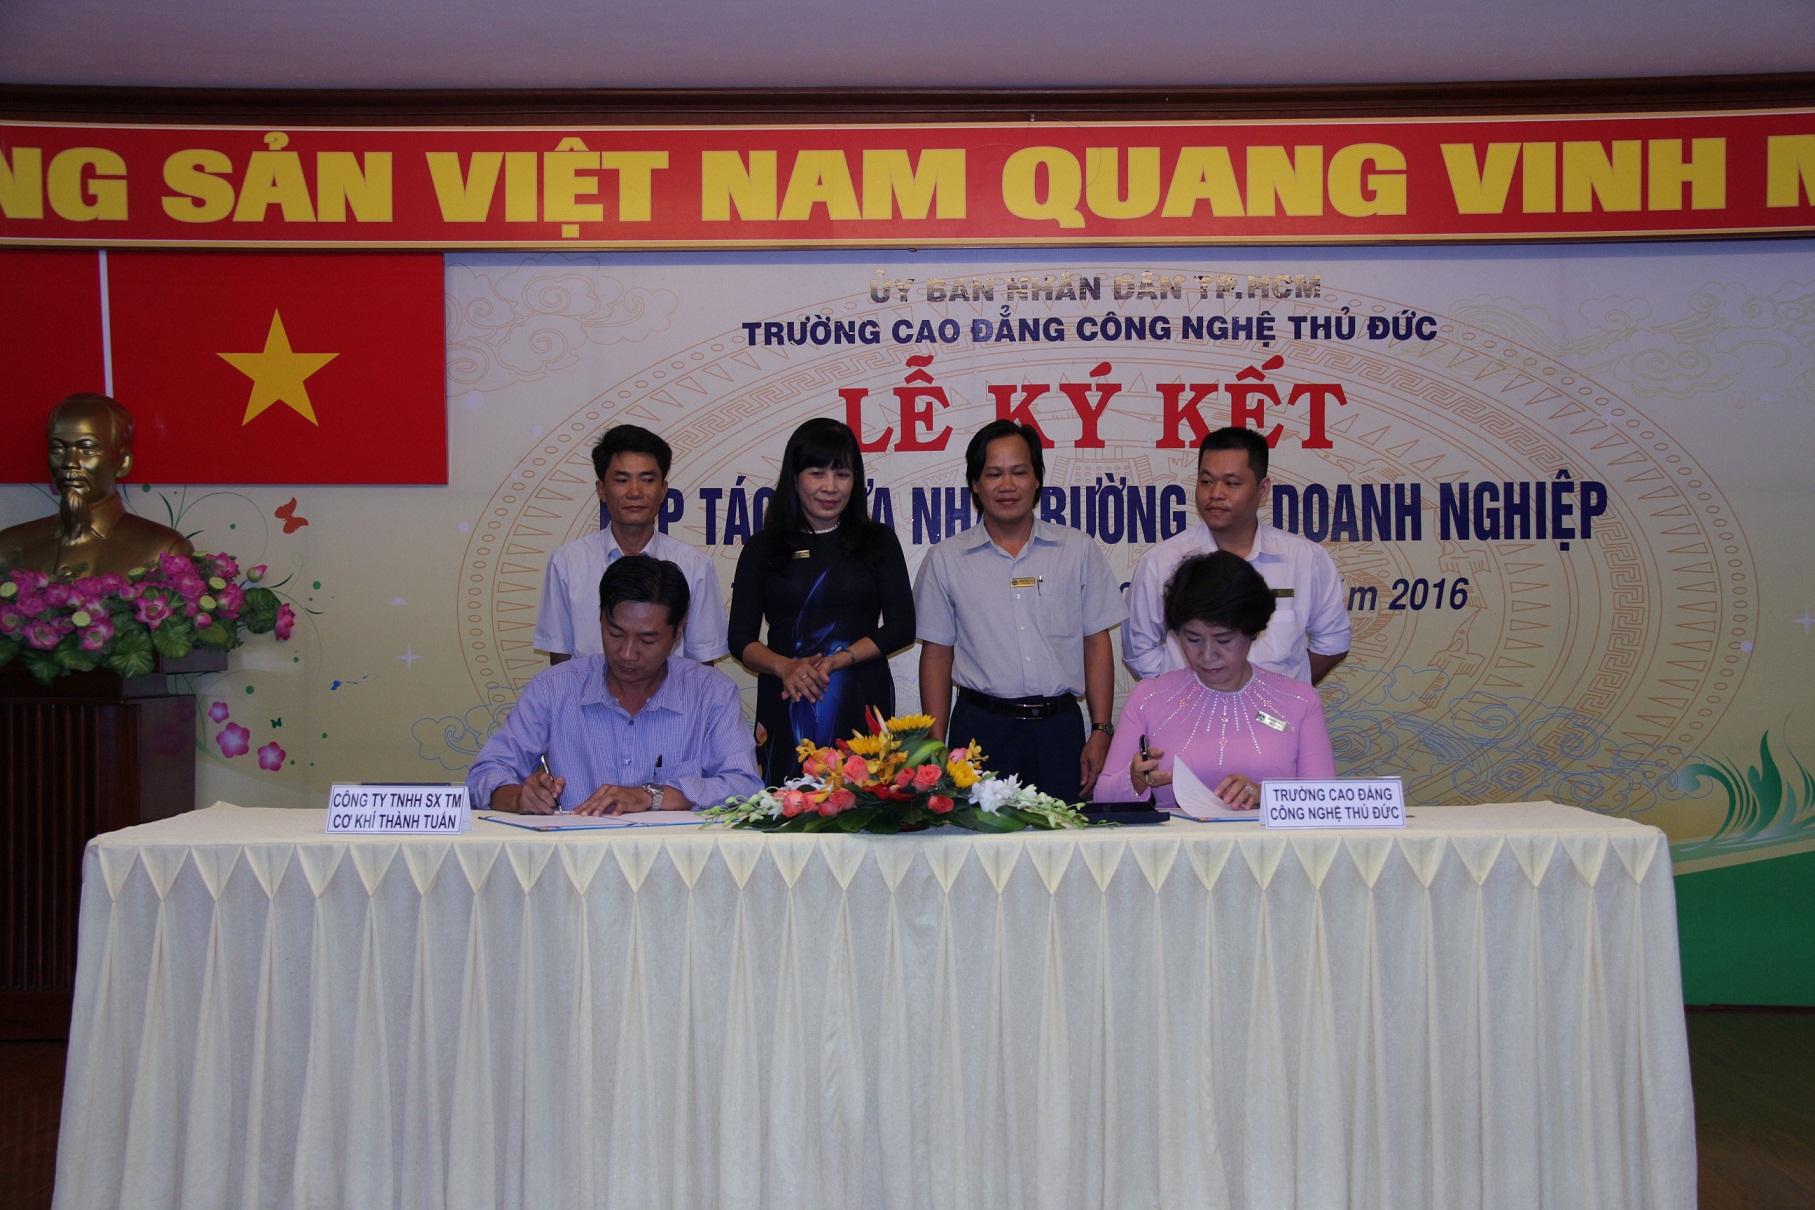 Lễ kỹ kết hợp tác giữa Nhà trường và Công ty TNHH SX - TM Cơ khí Thành Tuân